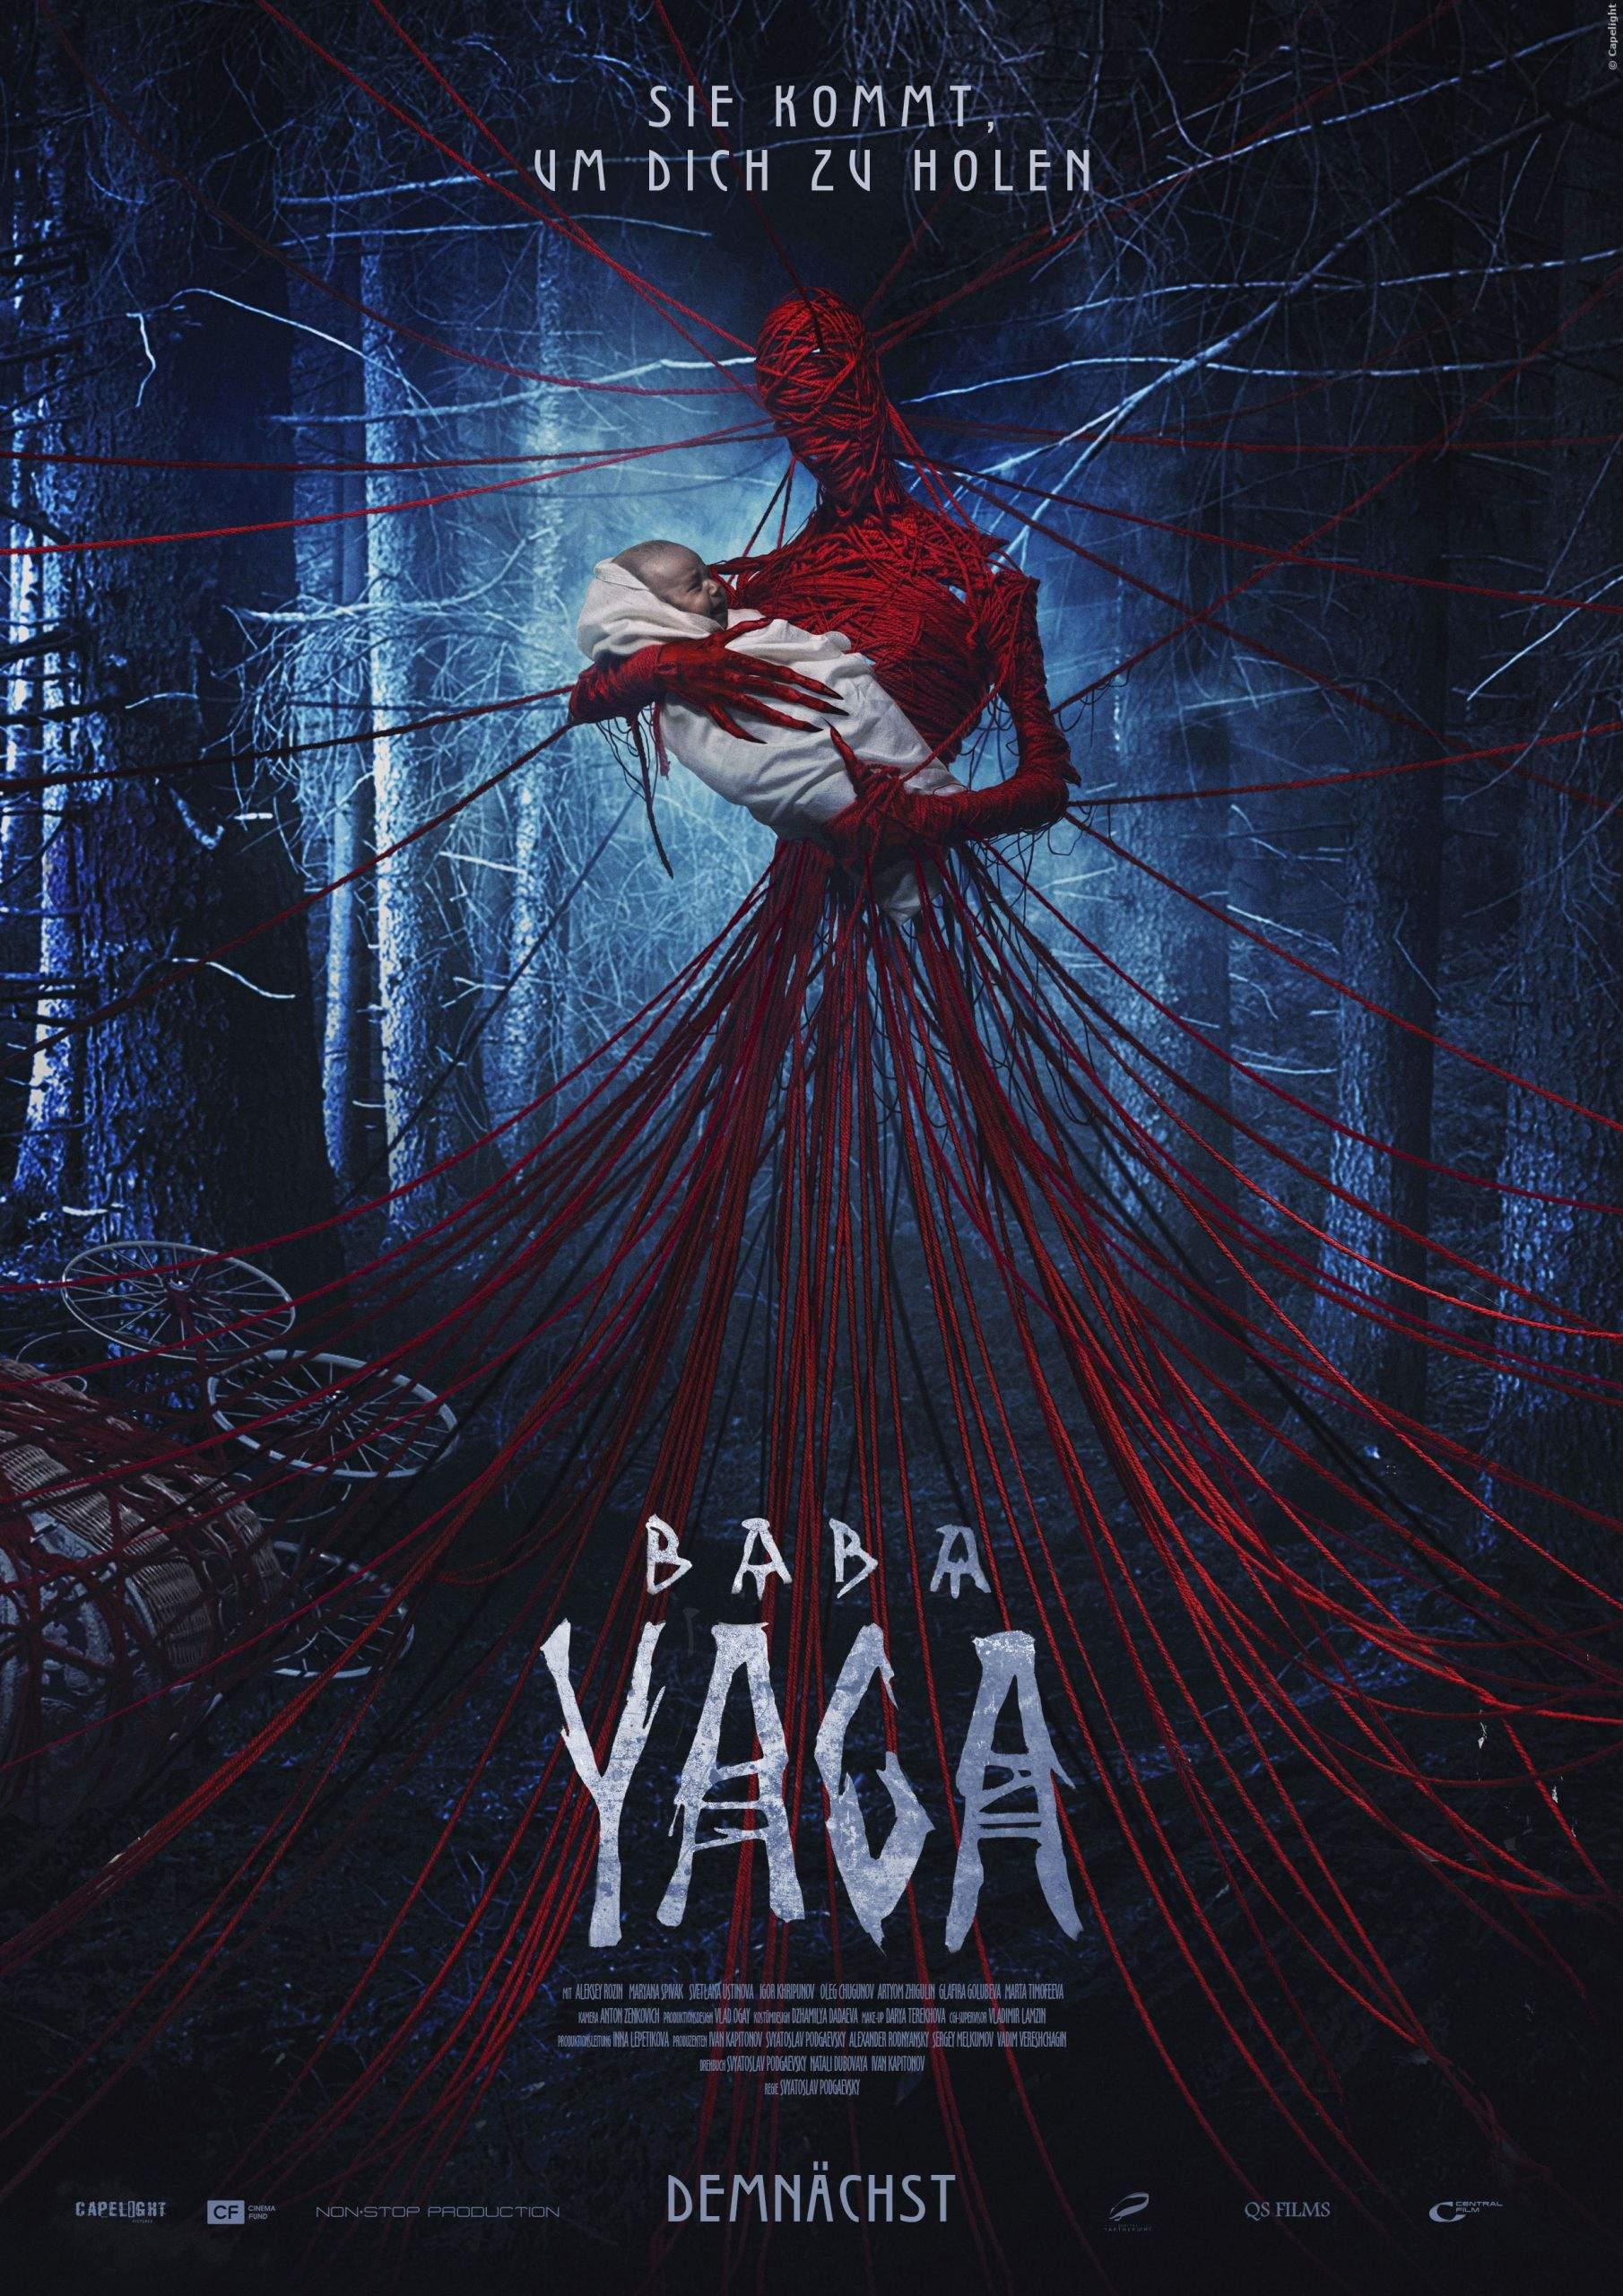 BABA YAGA: Sie kommt um dich zu holen - Trailer zum Schocker